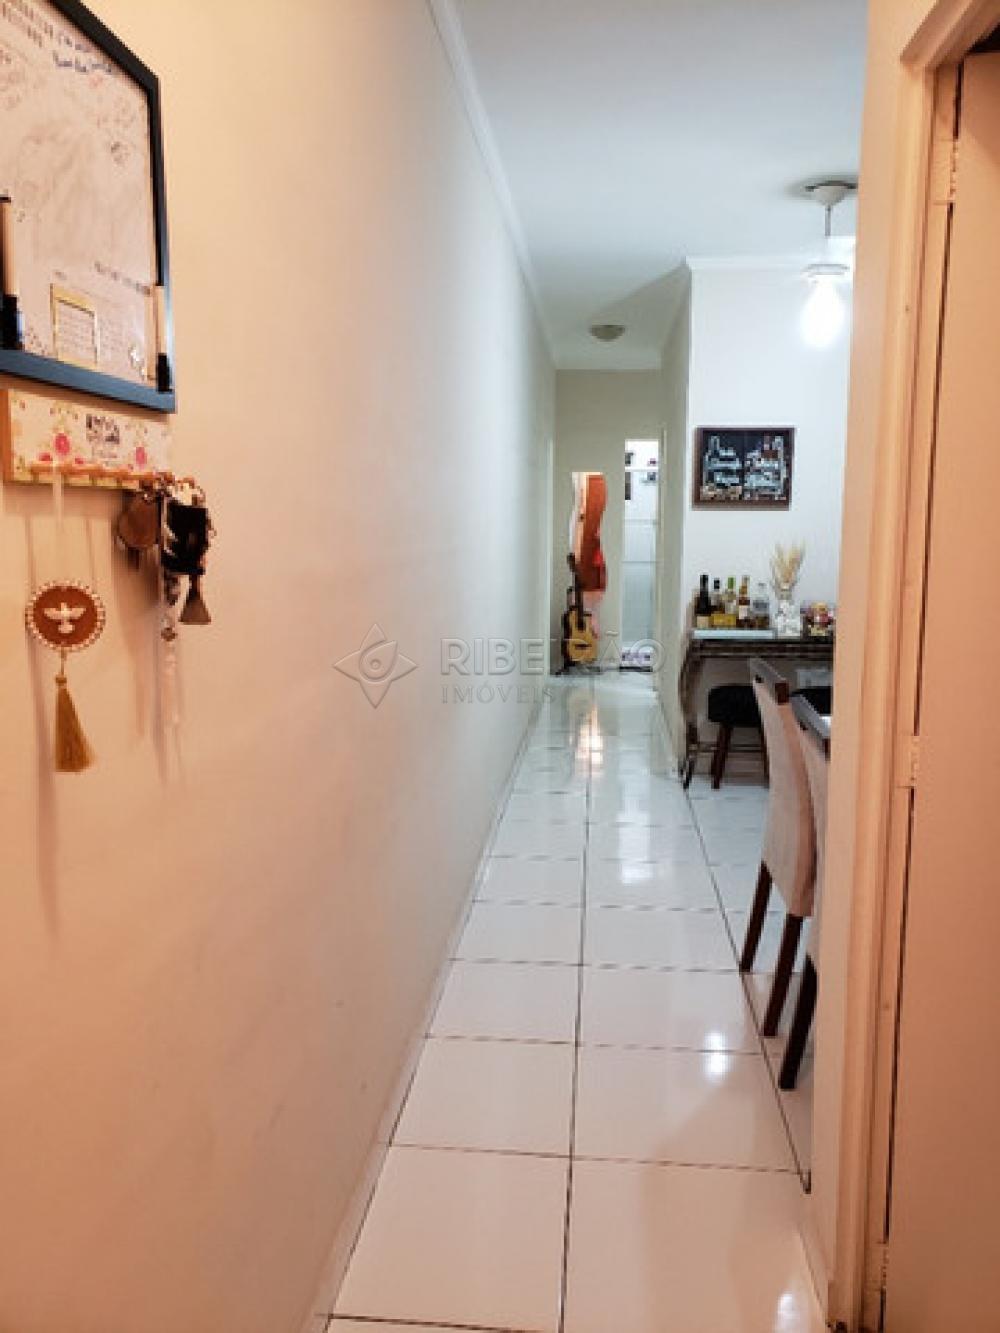 Comprar Apartamento / Padrão em Ribeirão Preto apenas R$ 141.000,00 - Foto 3